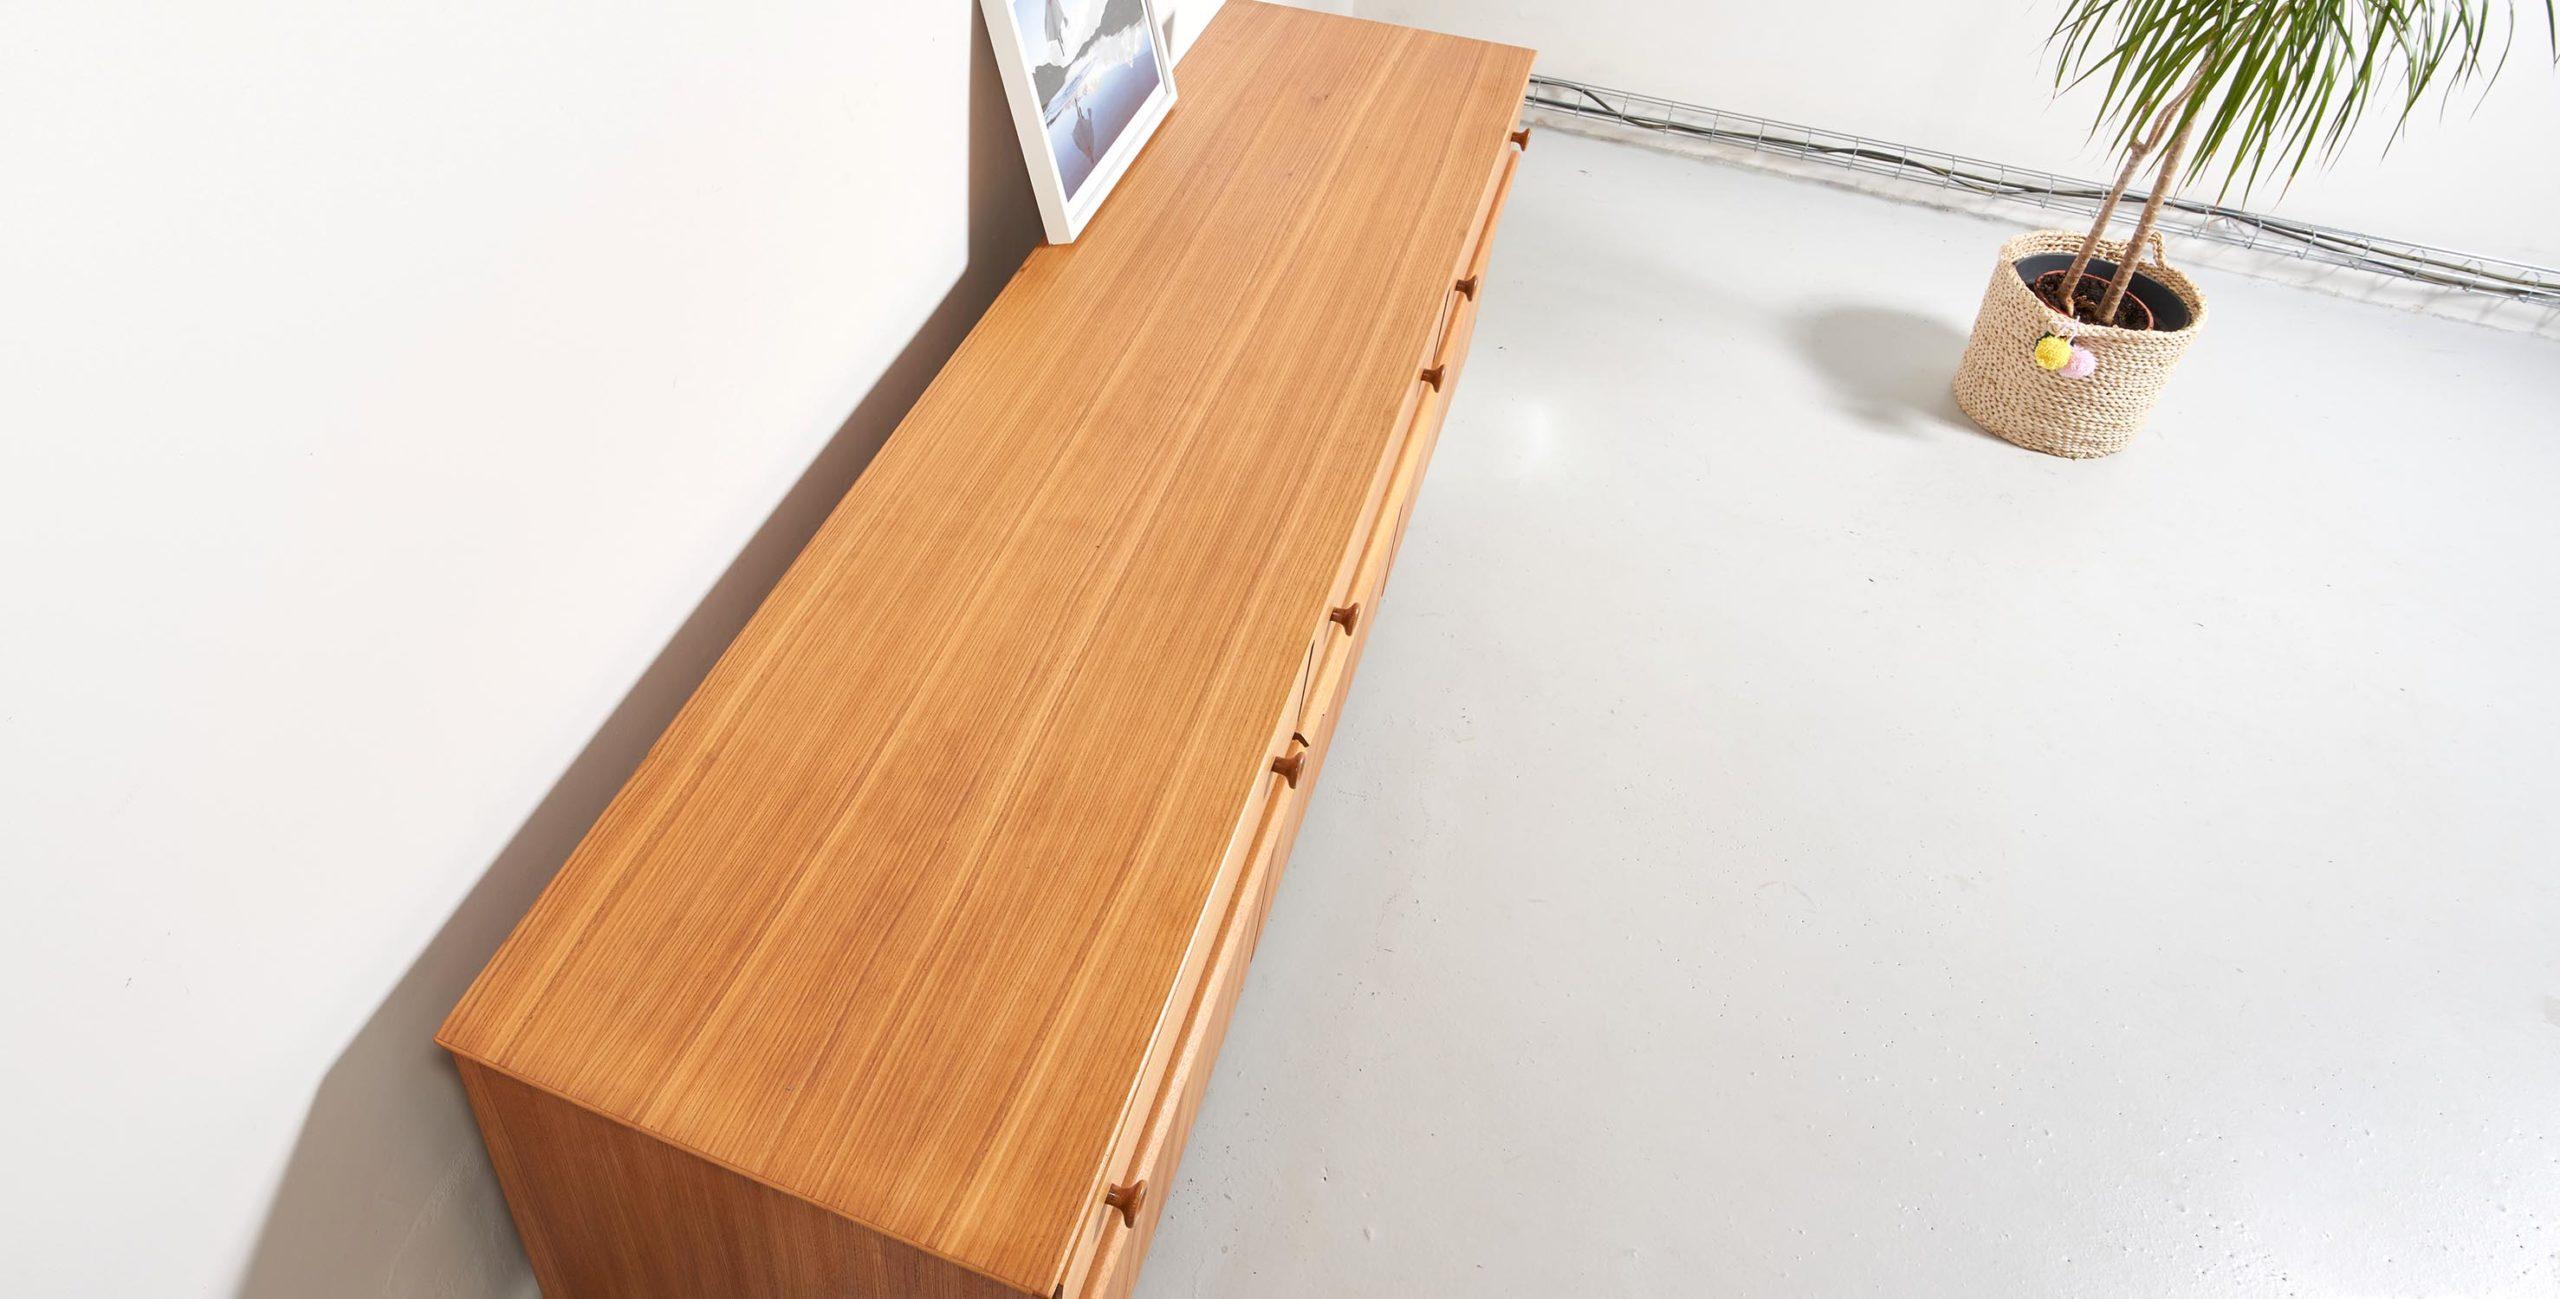 enfilade 2m, enfilade bois clair, enfilade bois clair vintage, enfilade